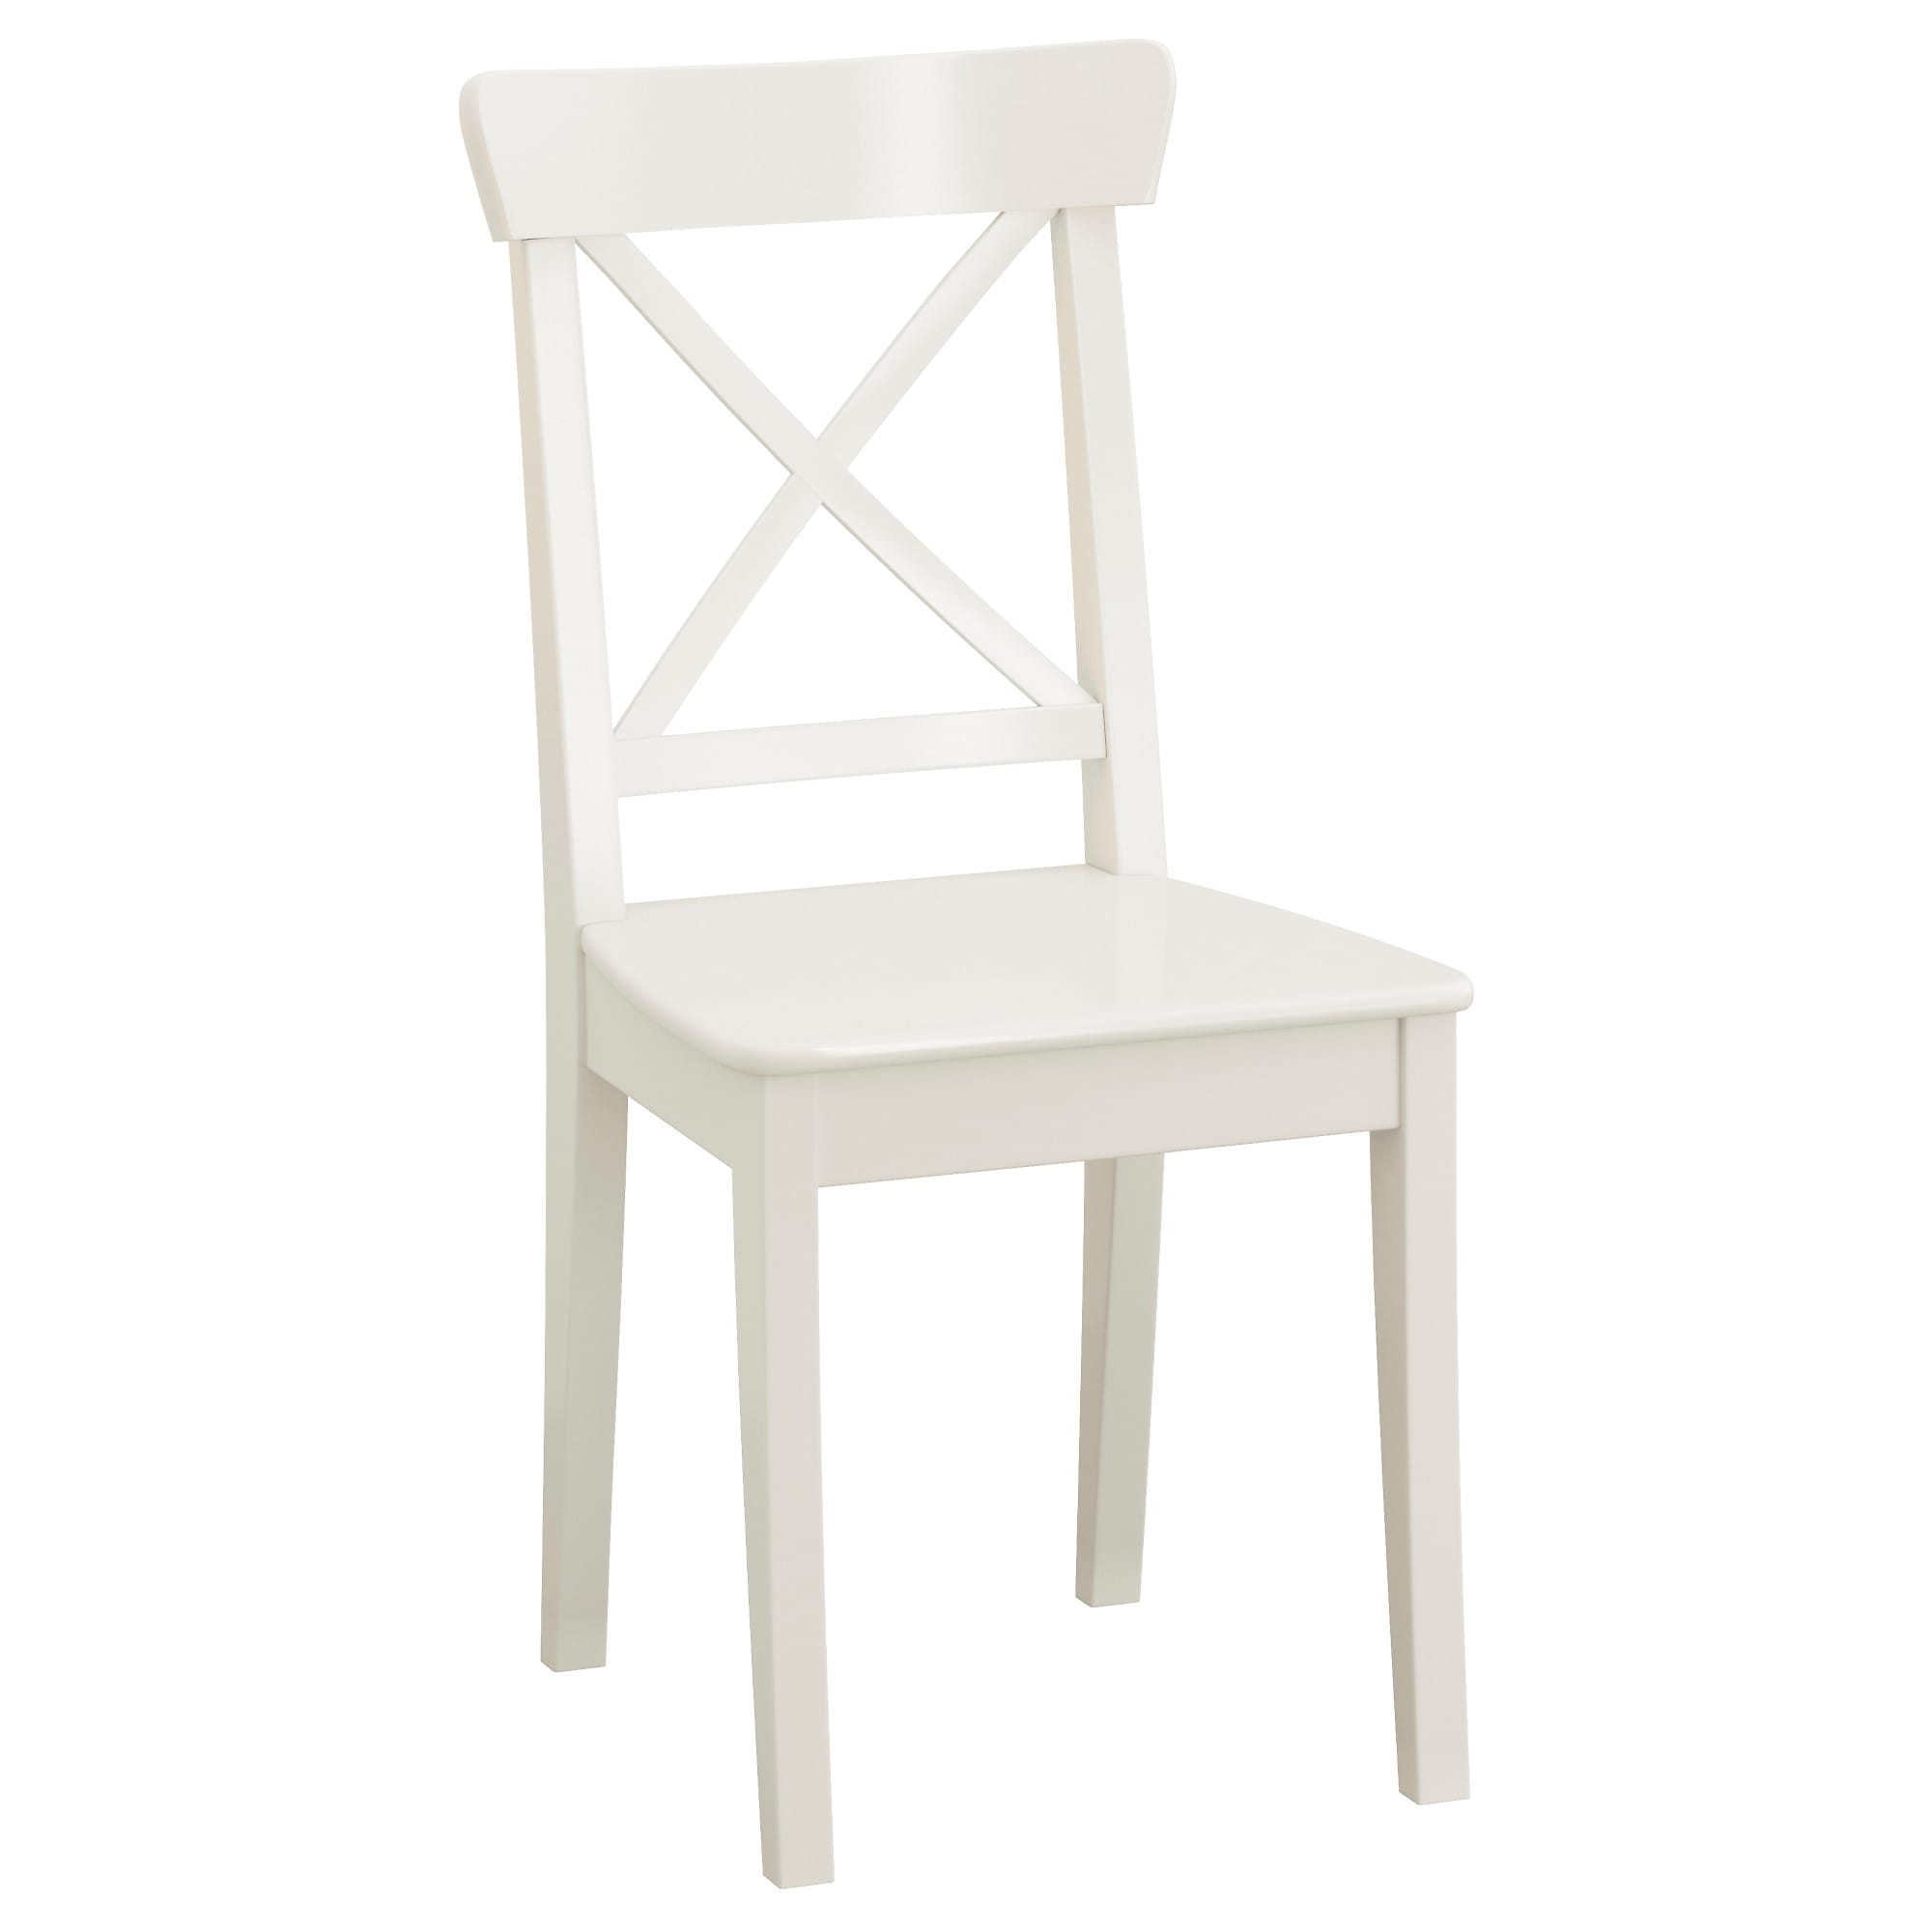 Sillas Ikea Comedor Drdp Sillas De Edor Salà N Y Cocina Pra Online Ikea